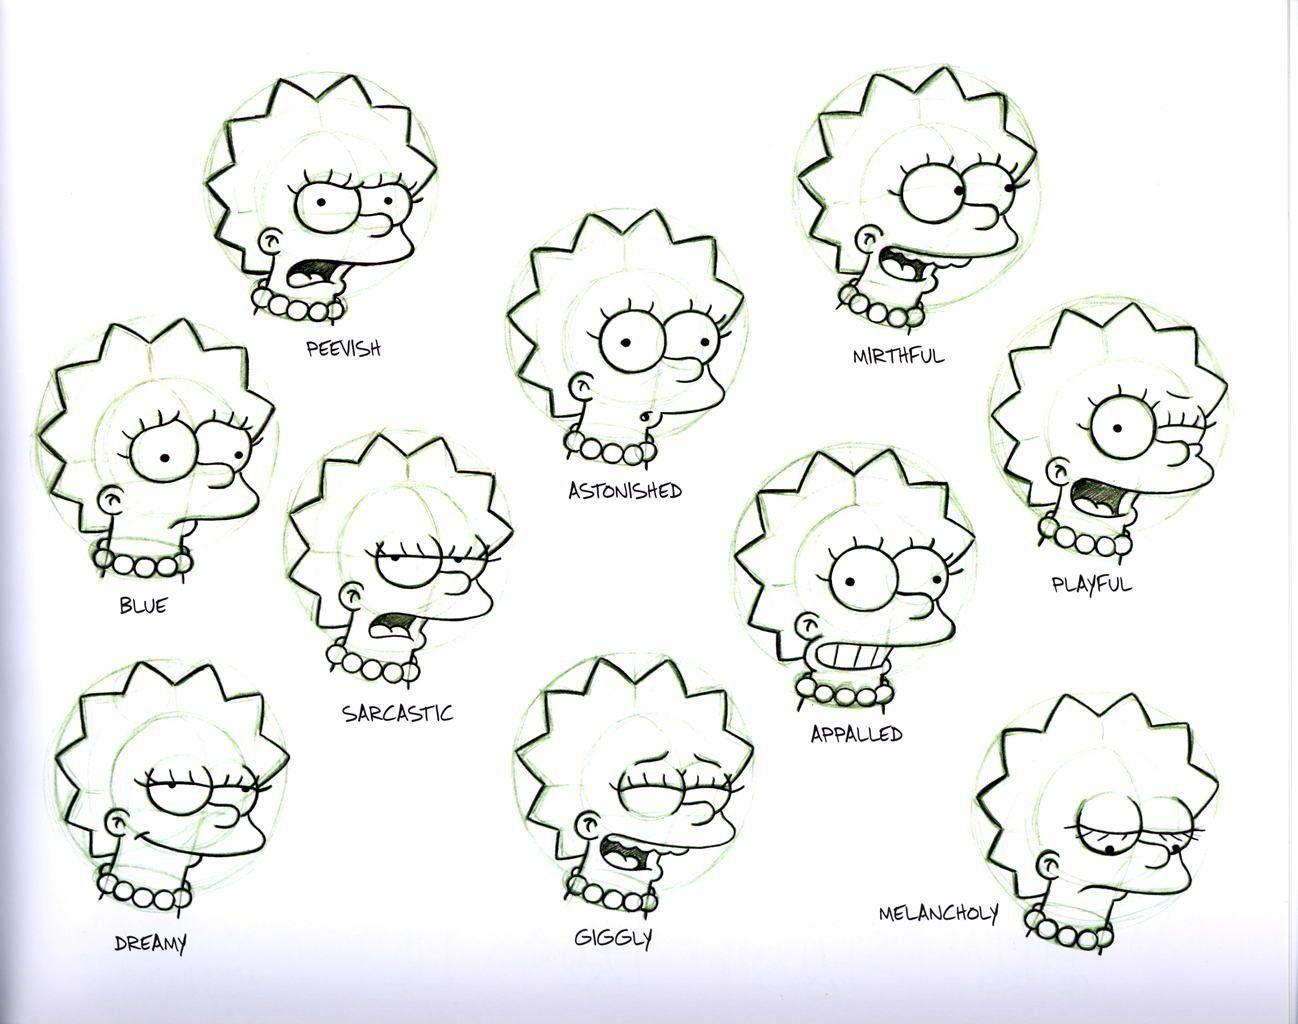 Pin De Ty En Animacion 2d Personajes De Los Simpsons Diseno De Personajes Tatuaje De Los Simpsons